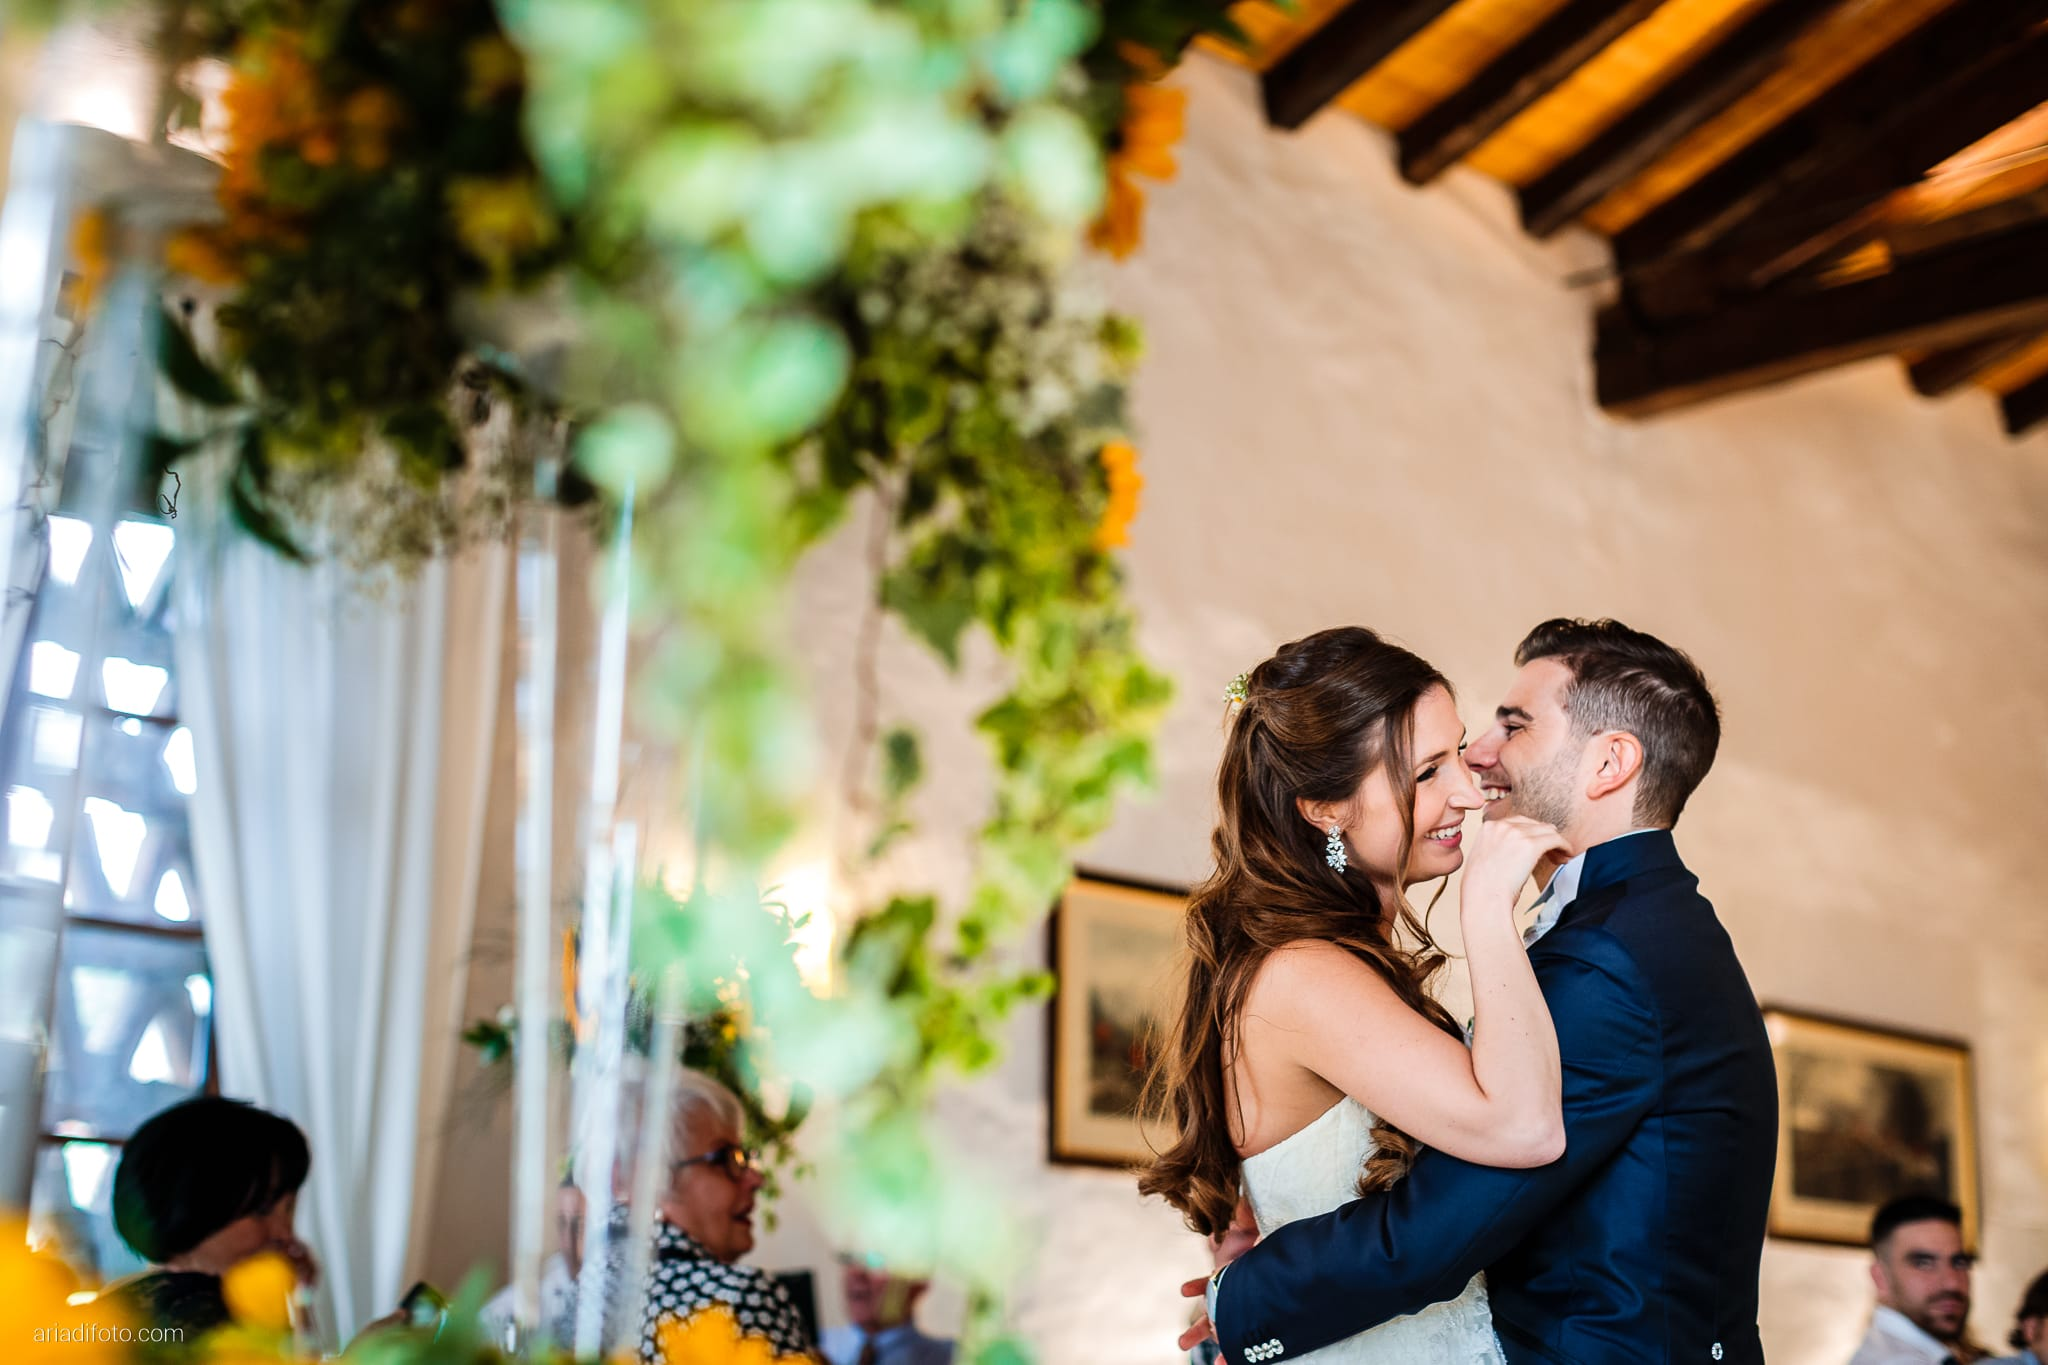 Giulia Alessandro Matrimonio Duino Trieste Baronesse Tacco San Floriano Del Collio Gorizia ricevimento primo ballo